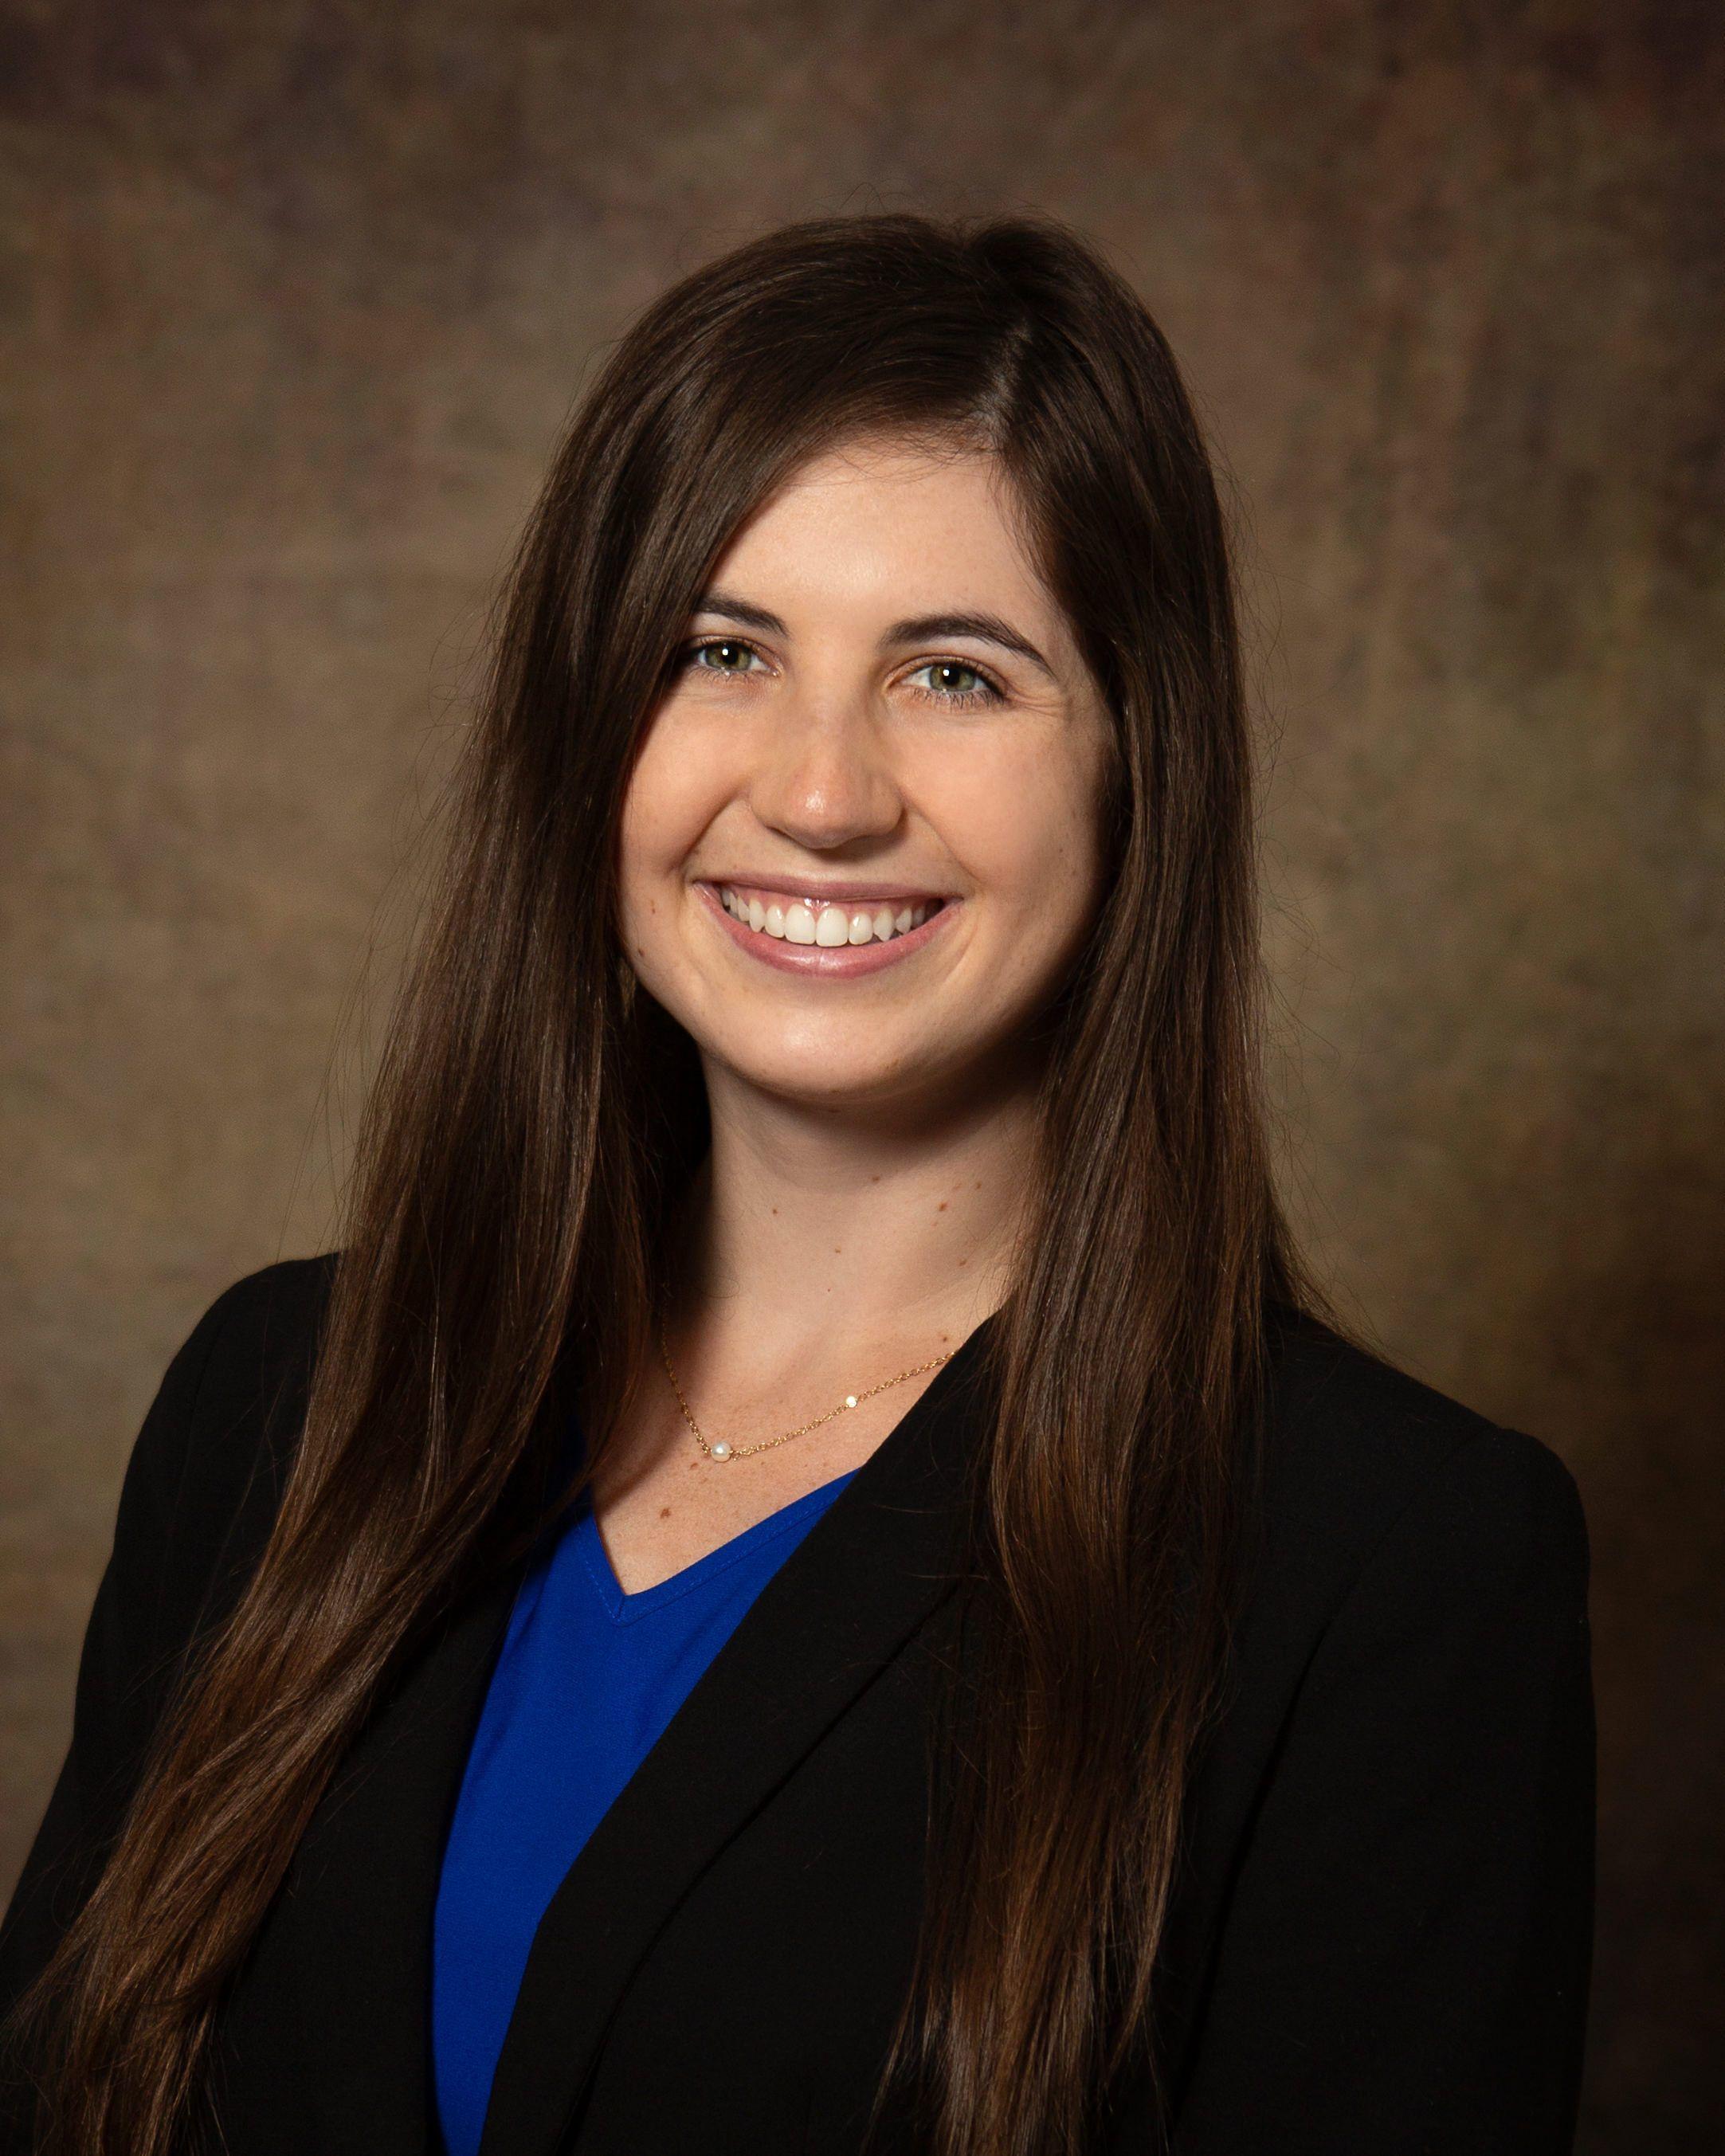 Shelby Kasselder, PTA